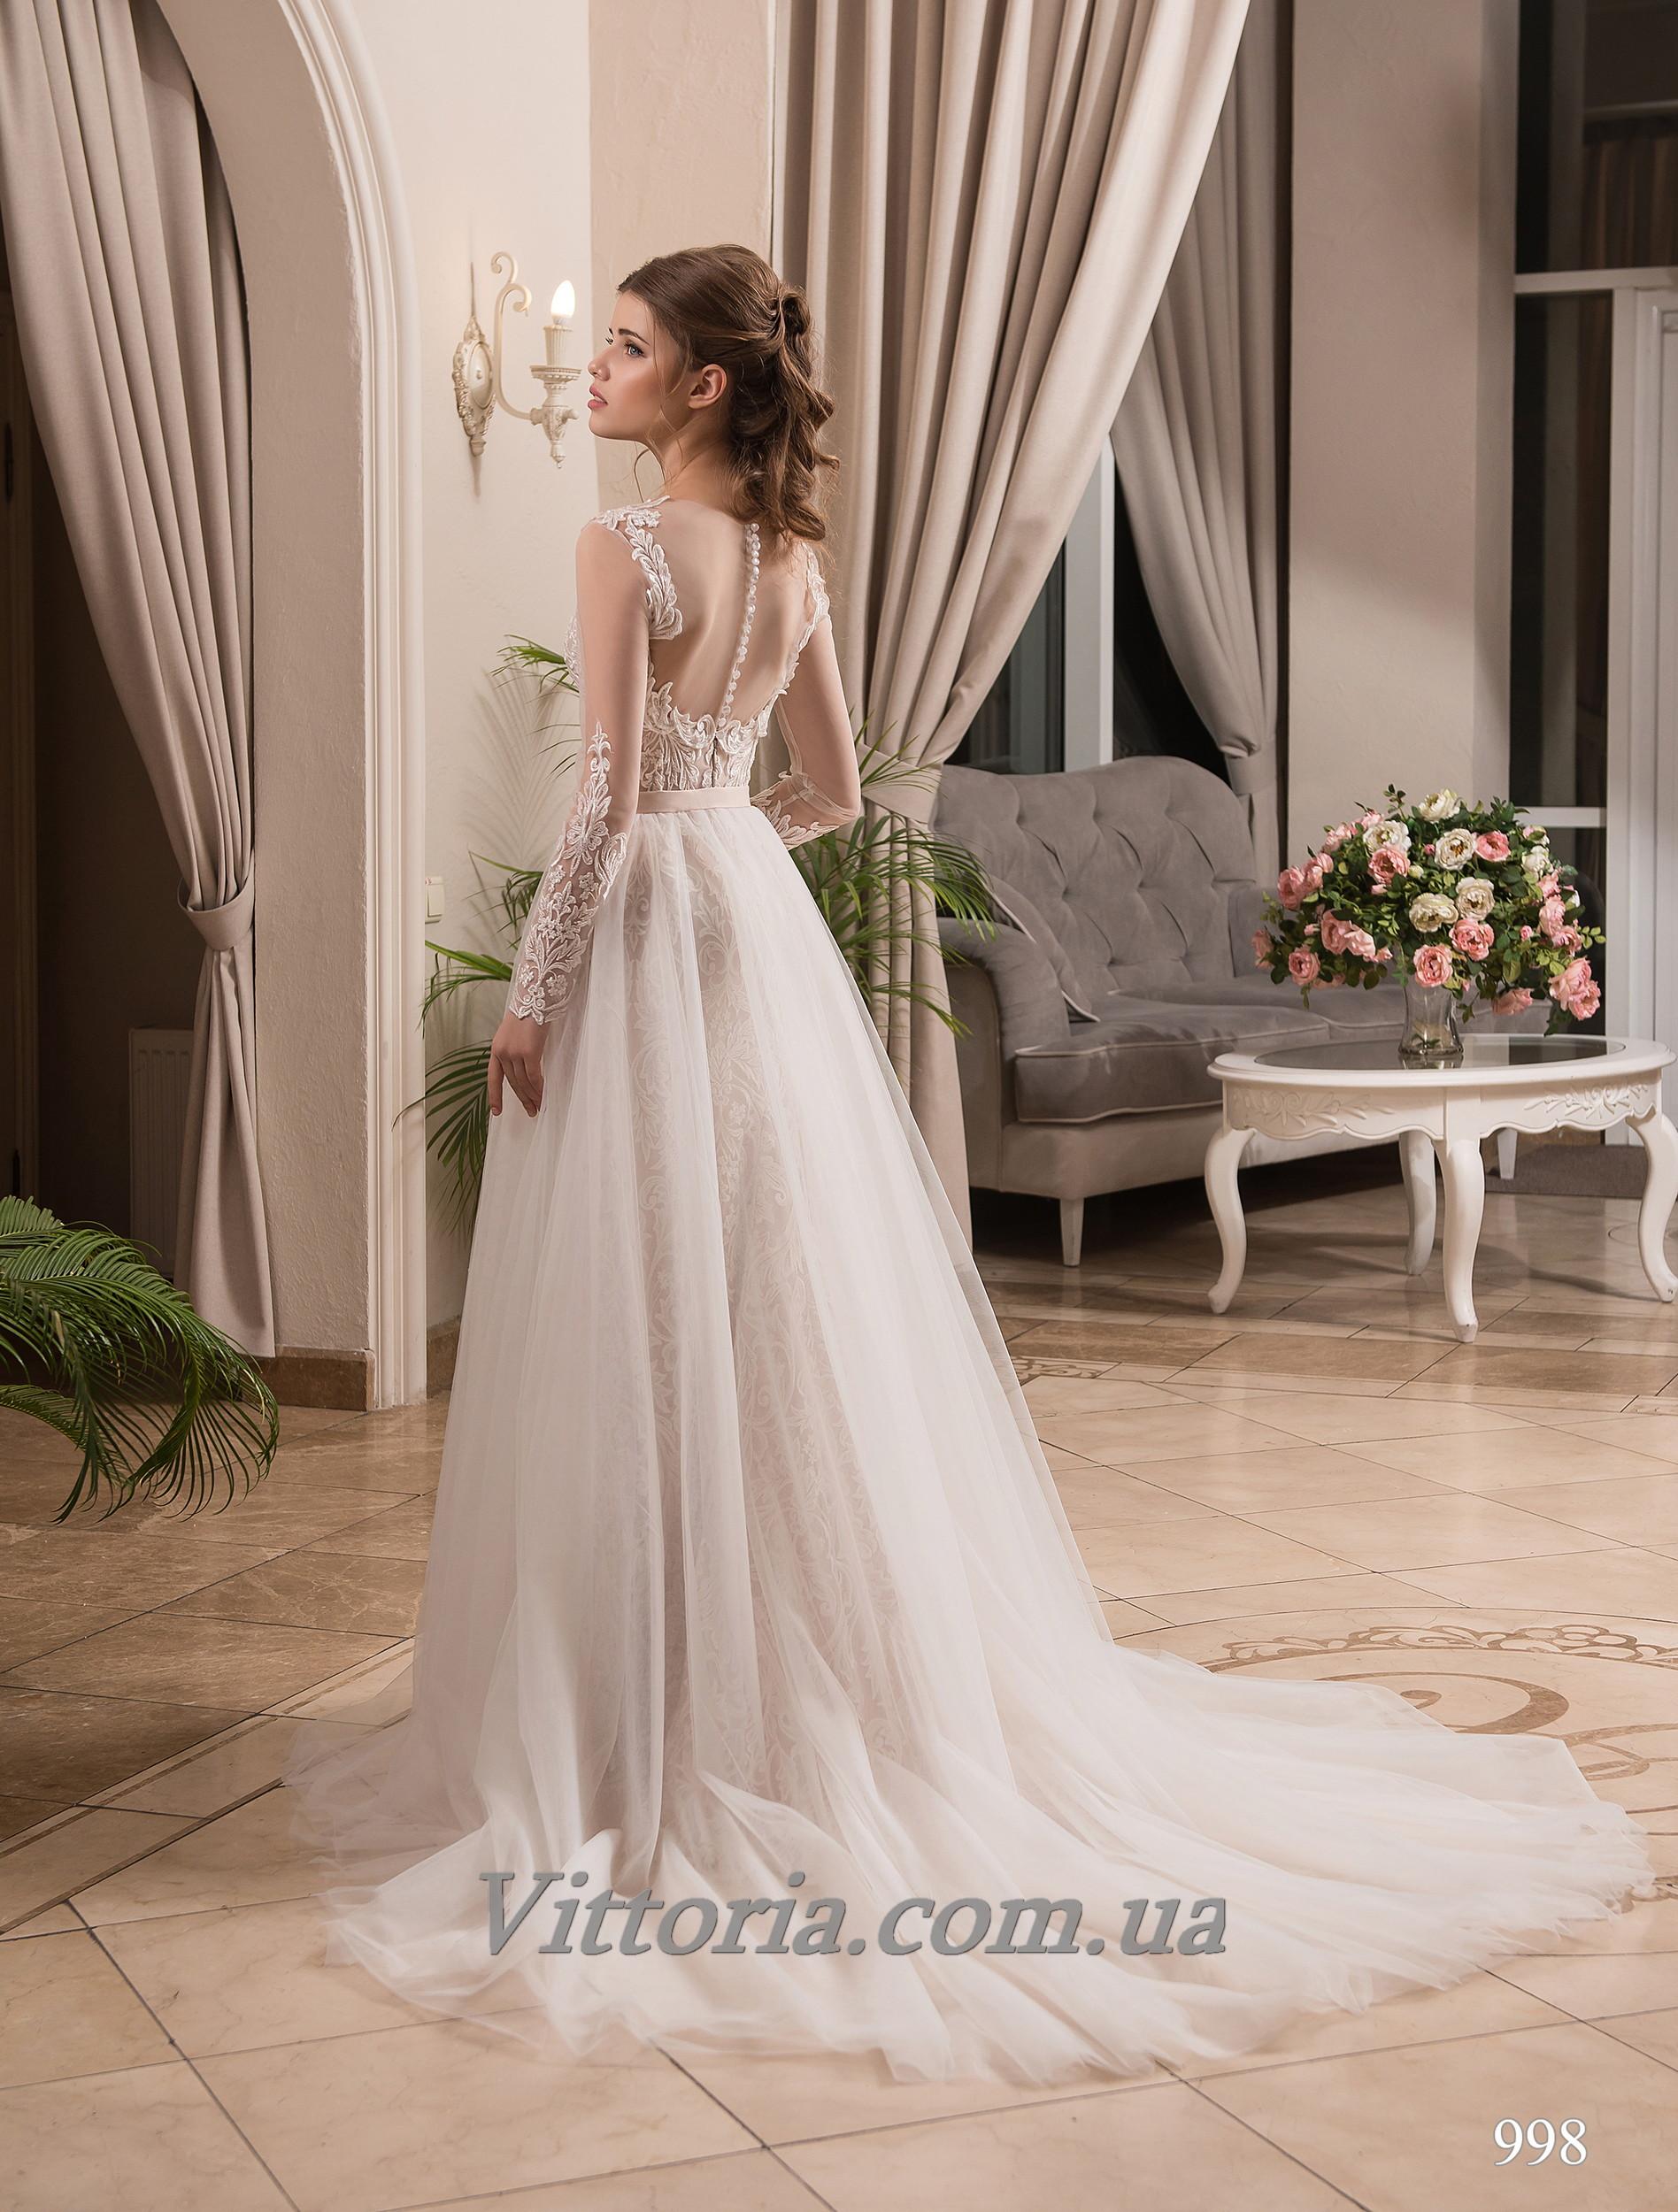 Свадебное платье Модель 17-998